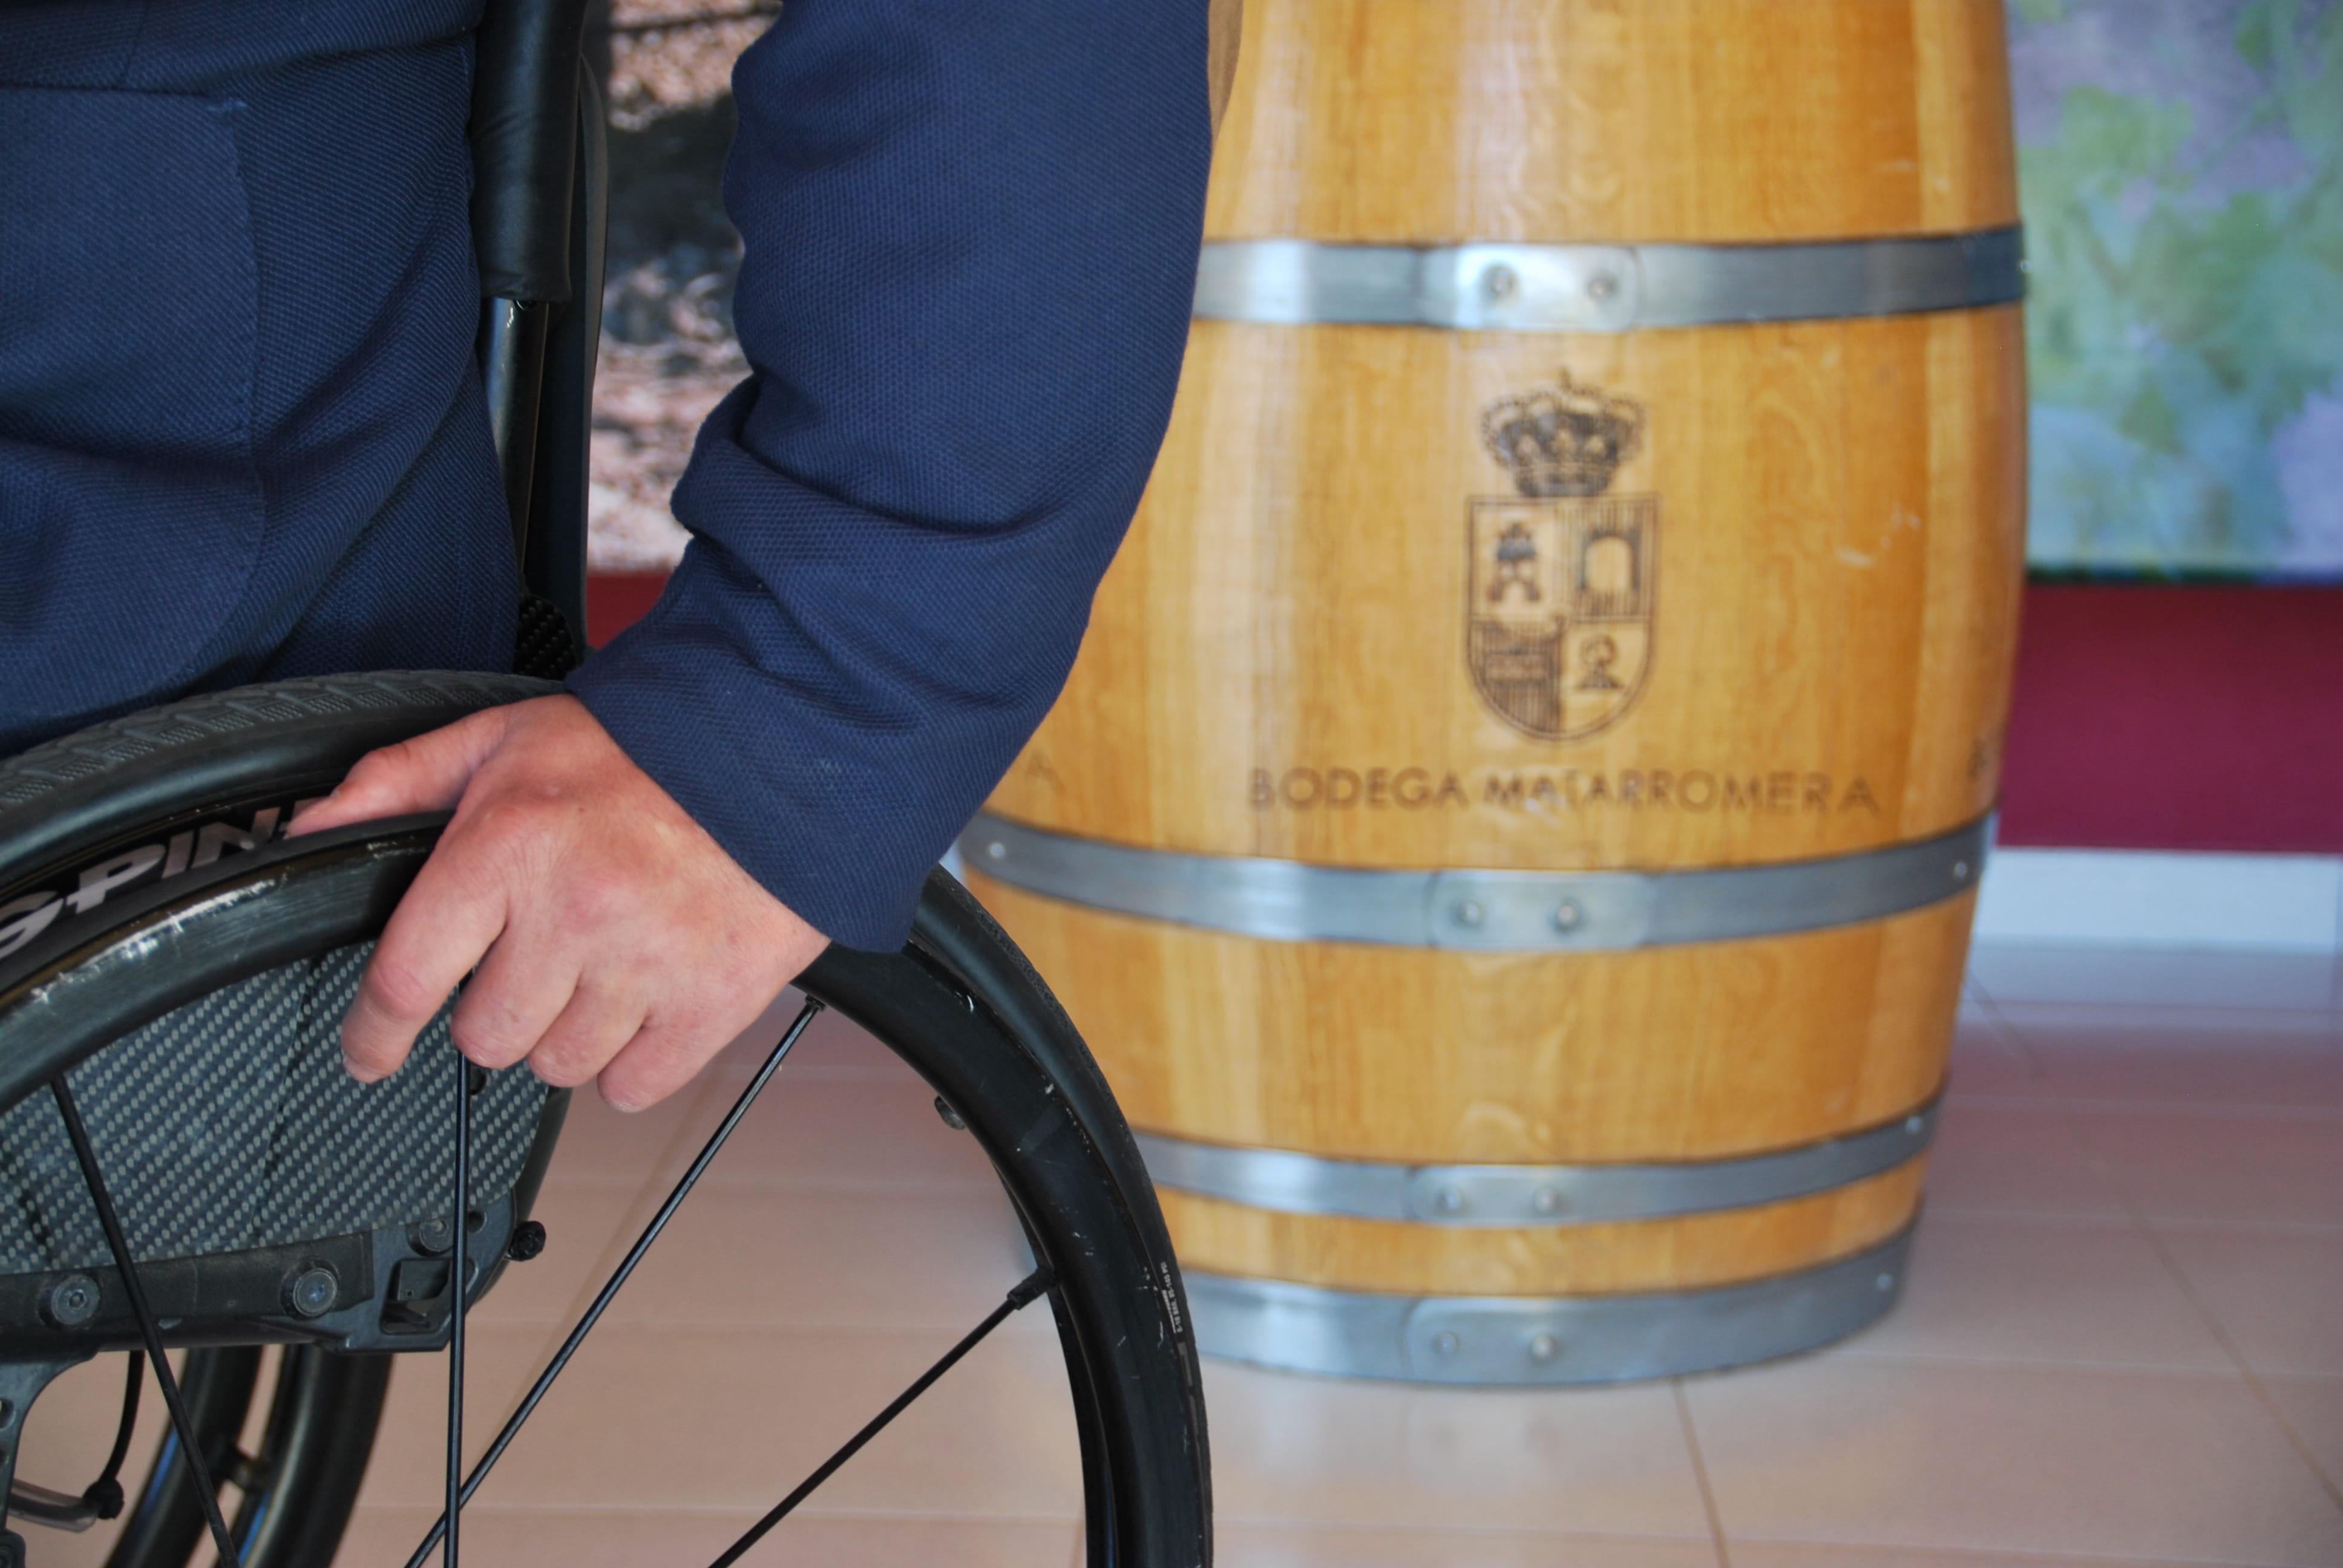 Matarromera refuerza su apuesta por el enoturismo sin barreras el Día de las Personas con Discapacidad